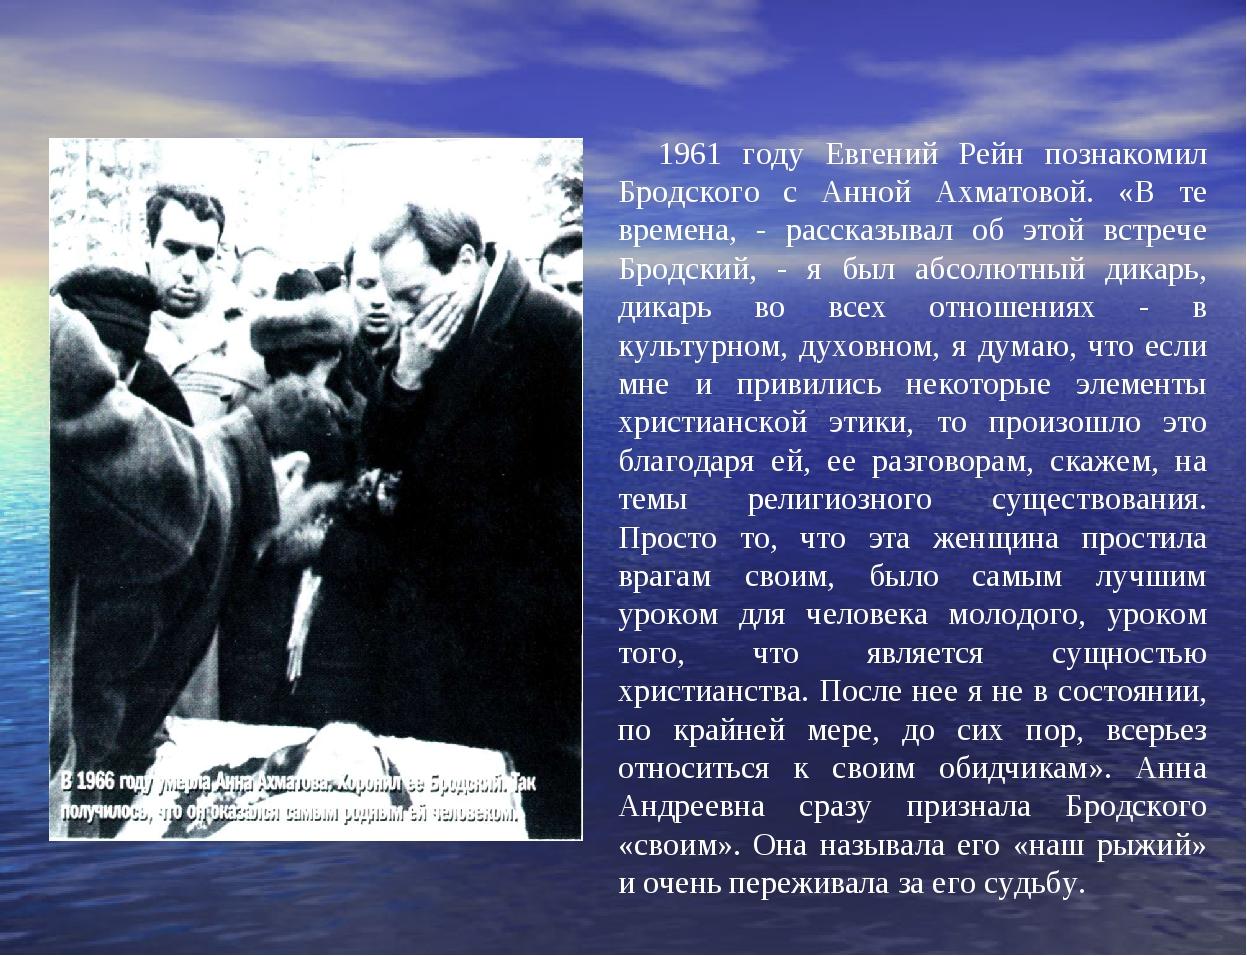 1961 году Евгений Рейн познакомил Бродского с Анной Ахматовой. «В те времена...